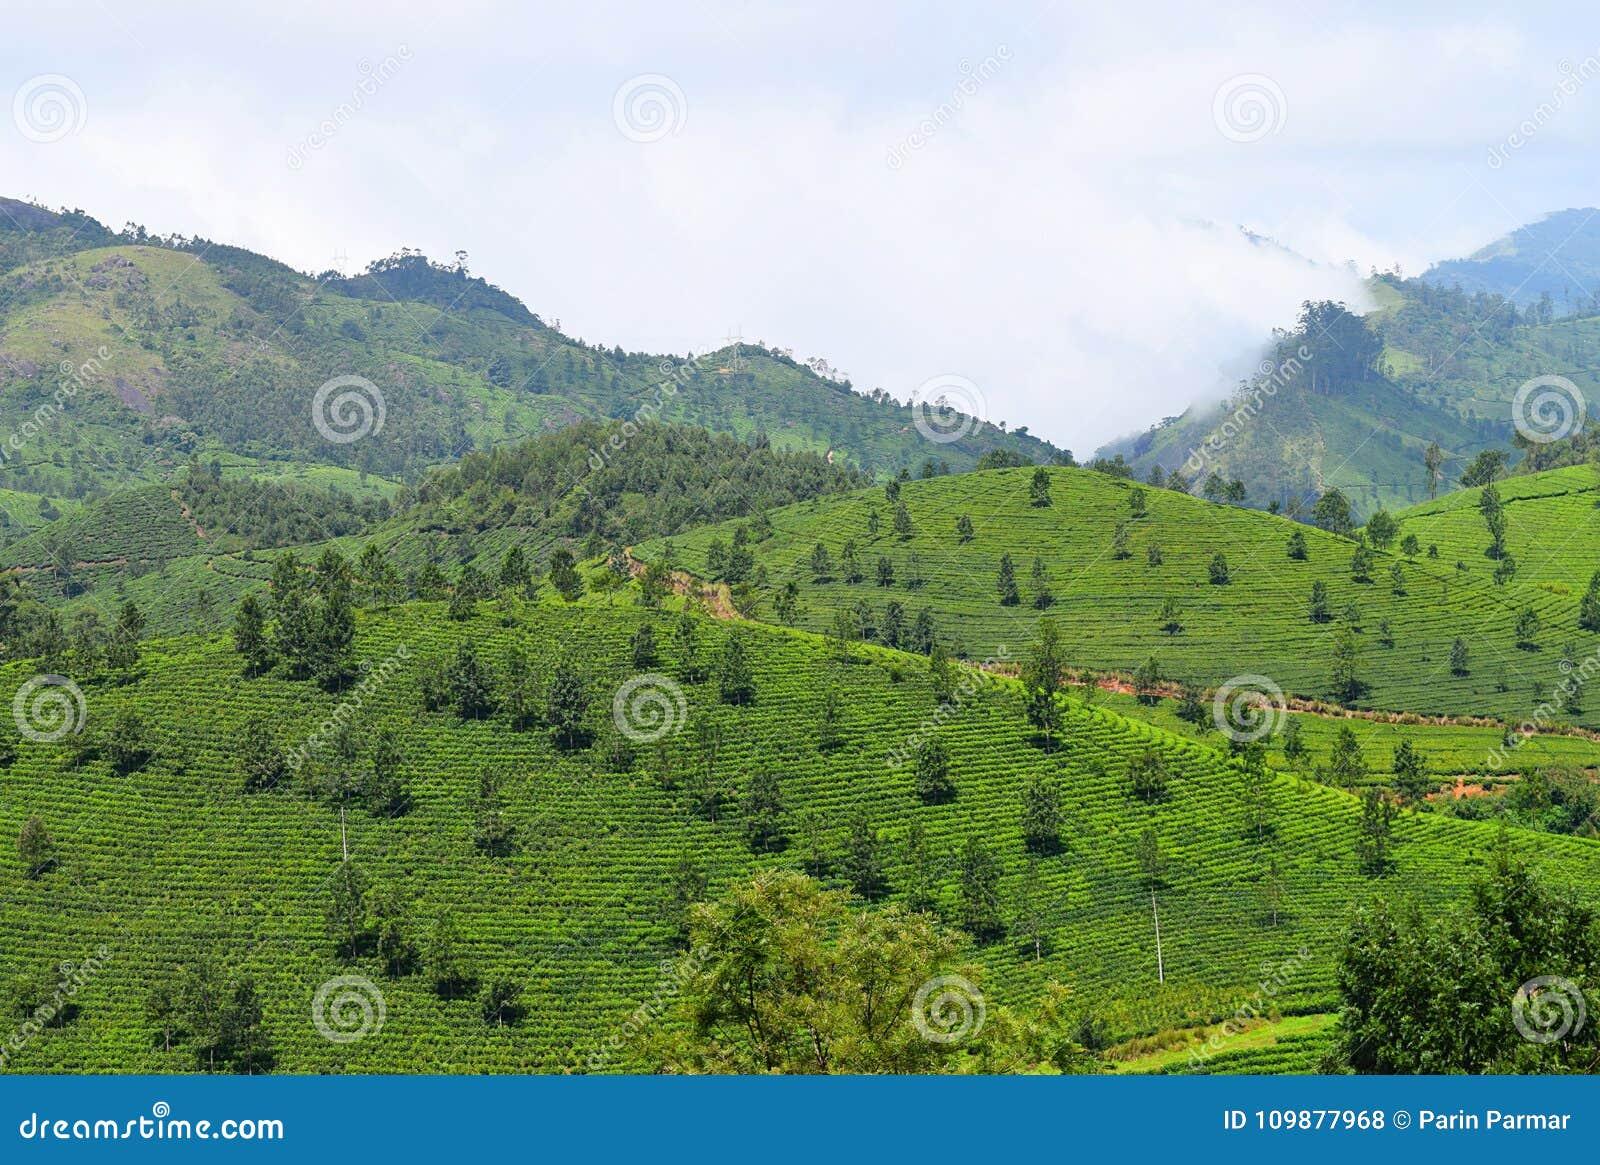 Paysage vert dans Munnar, Idukki, Kerala, Inde - fond naturel avec des montagnes et des jardins de thé